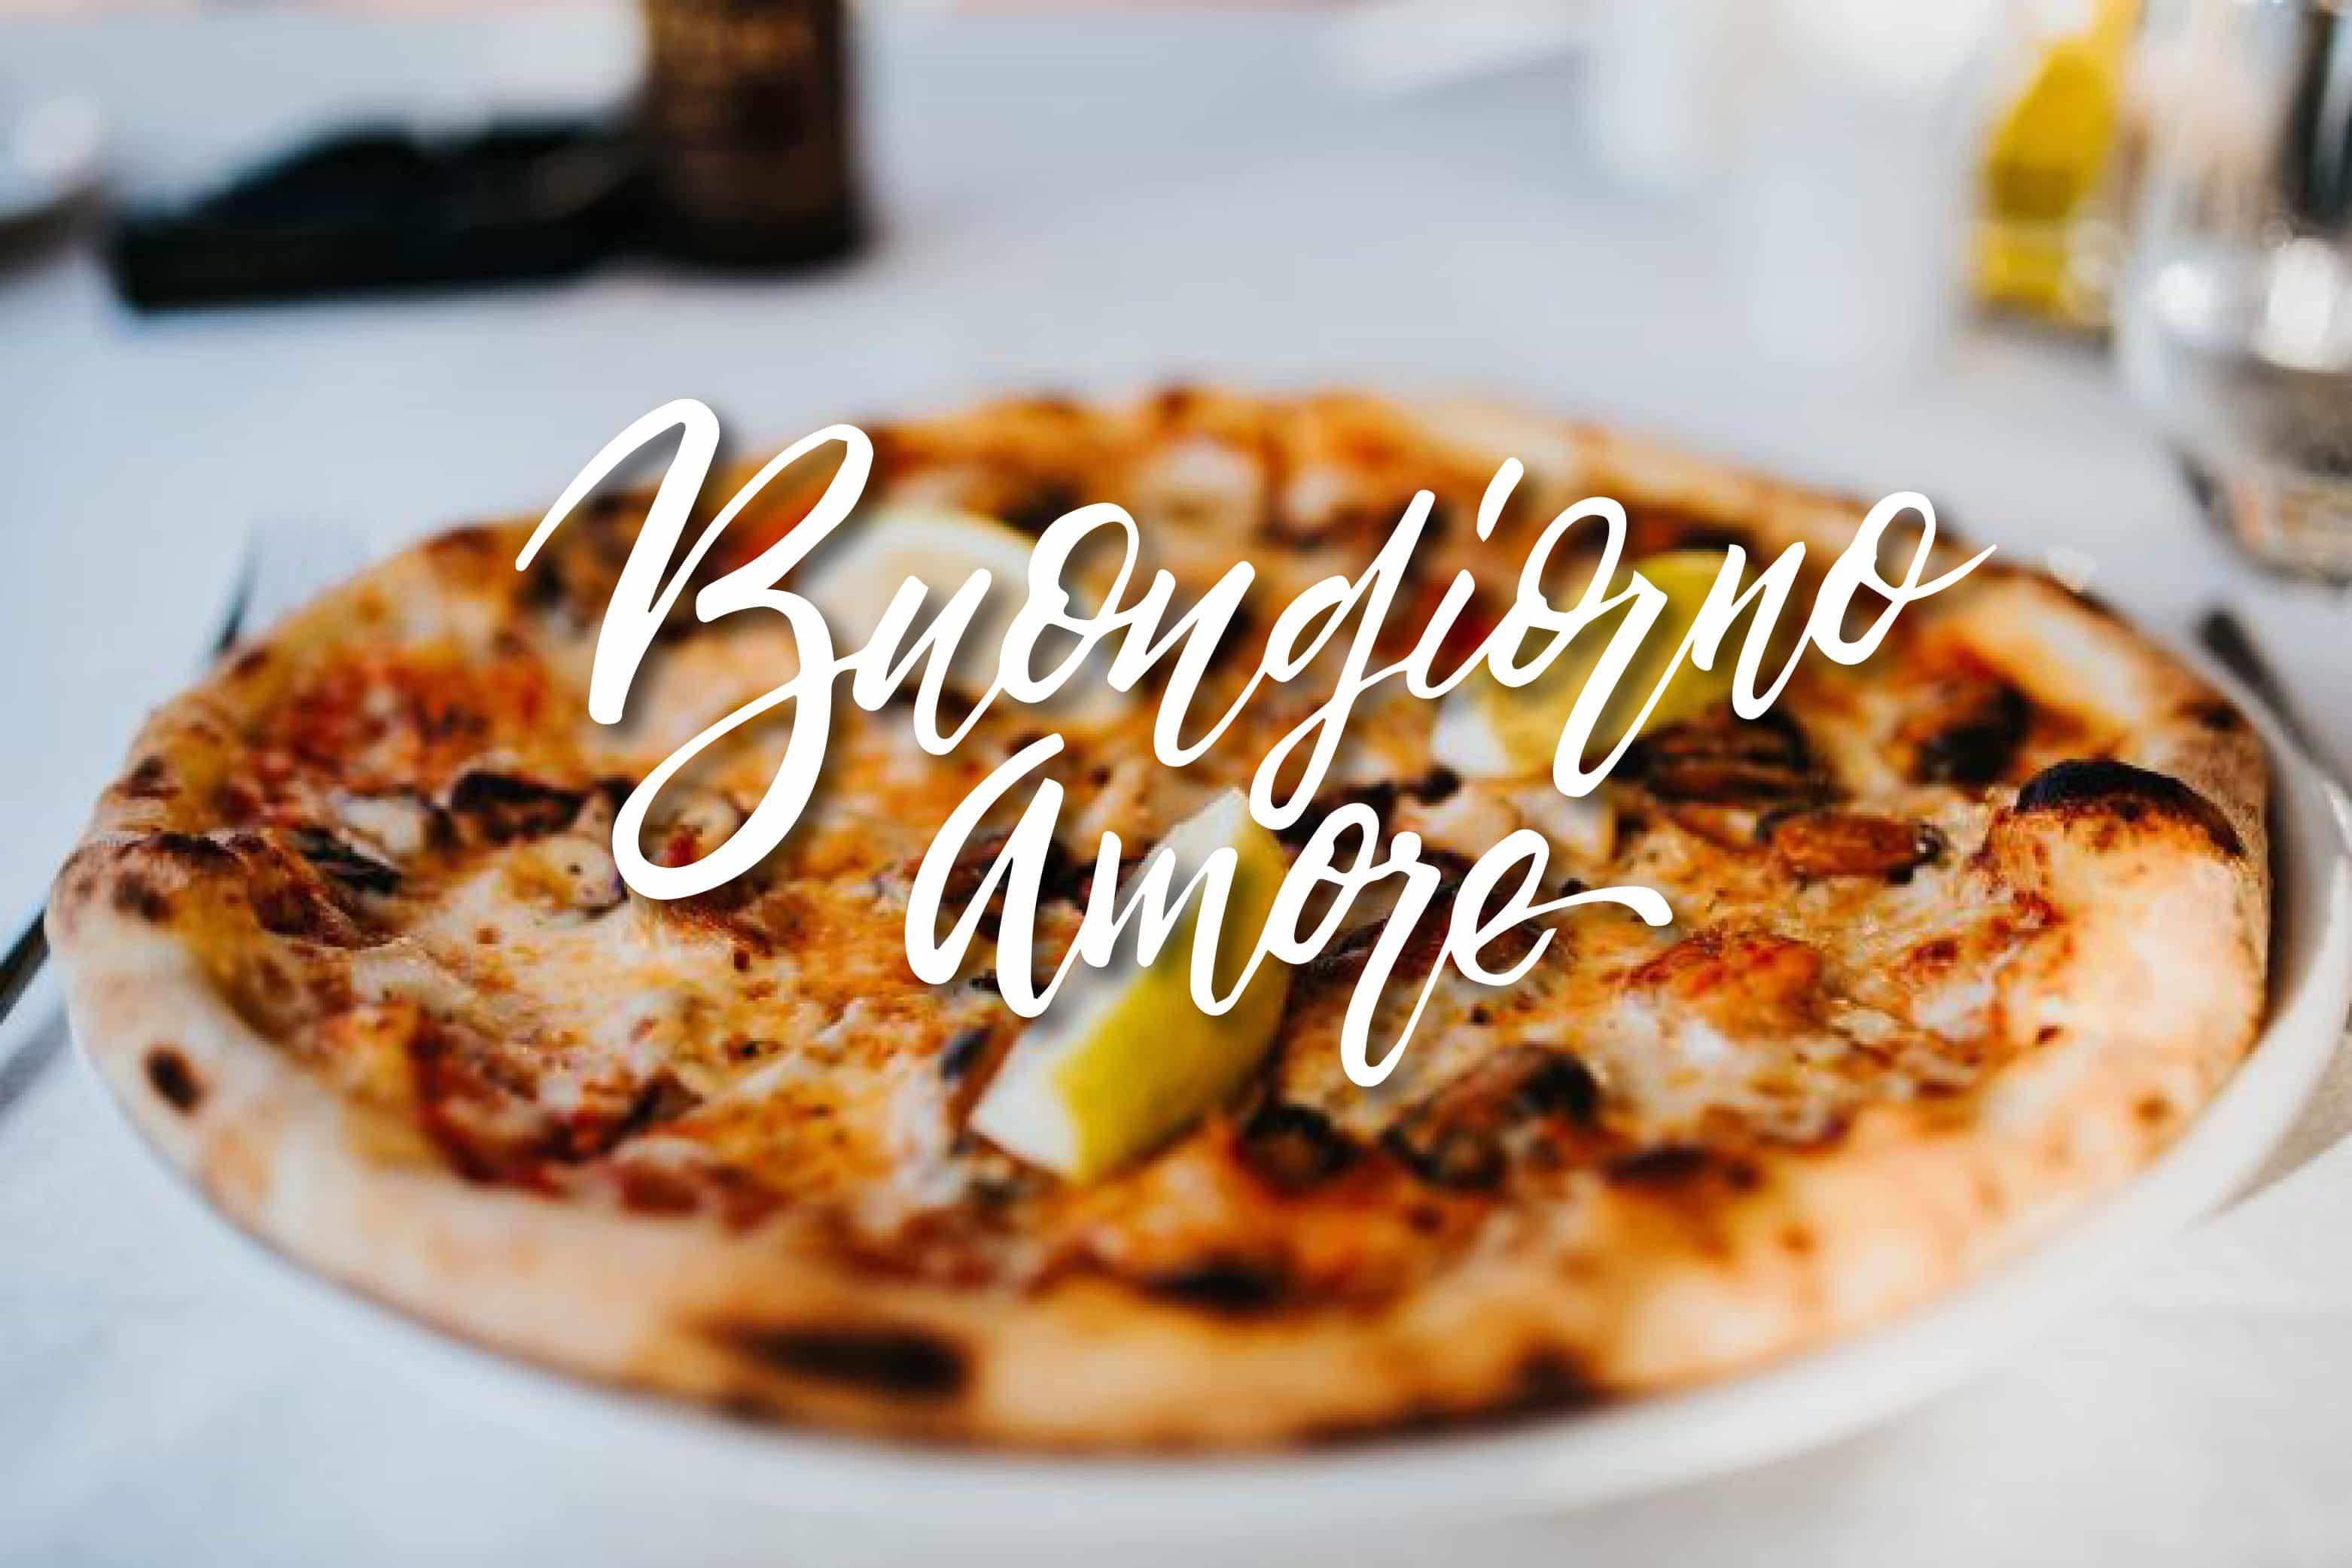 Buon pizza e buongiorno amore gratis